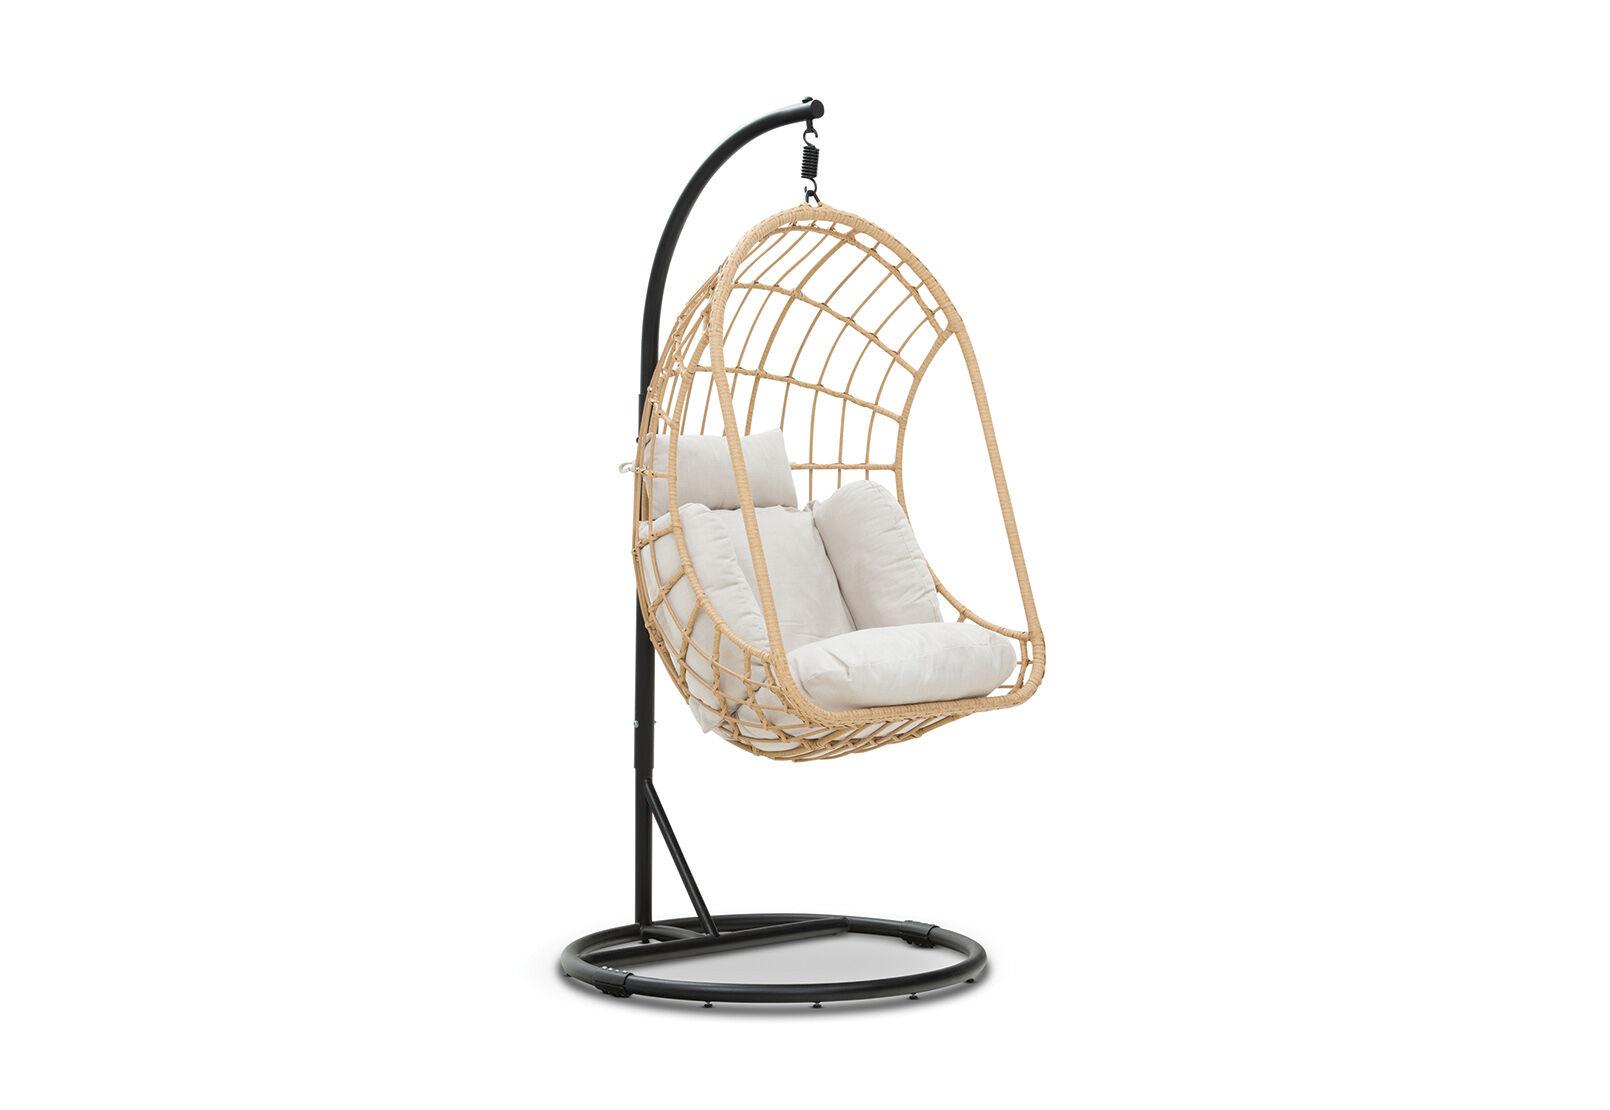 Outdoor Hanging Chair Sanibel Outdoor Hanging Chair Amart Furniture